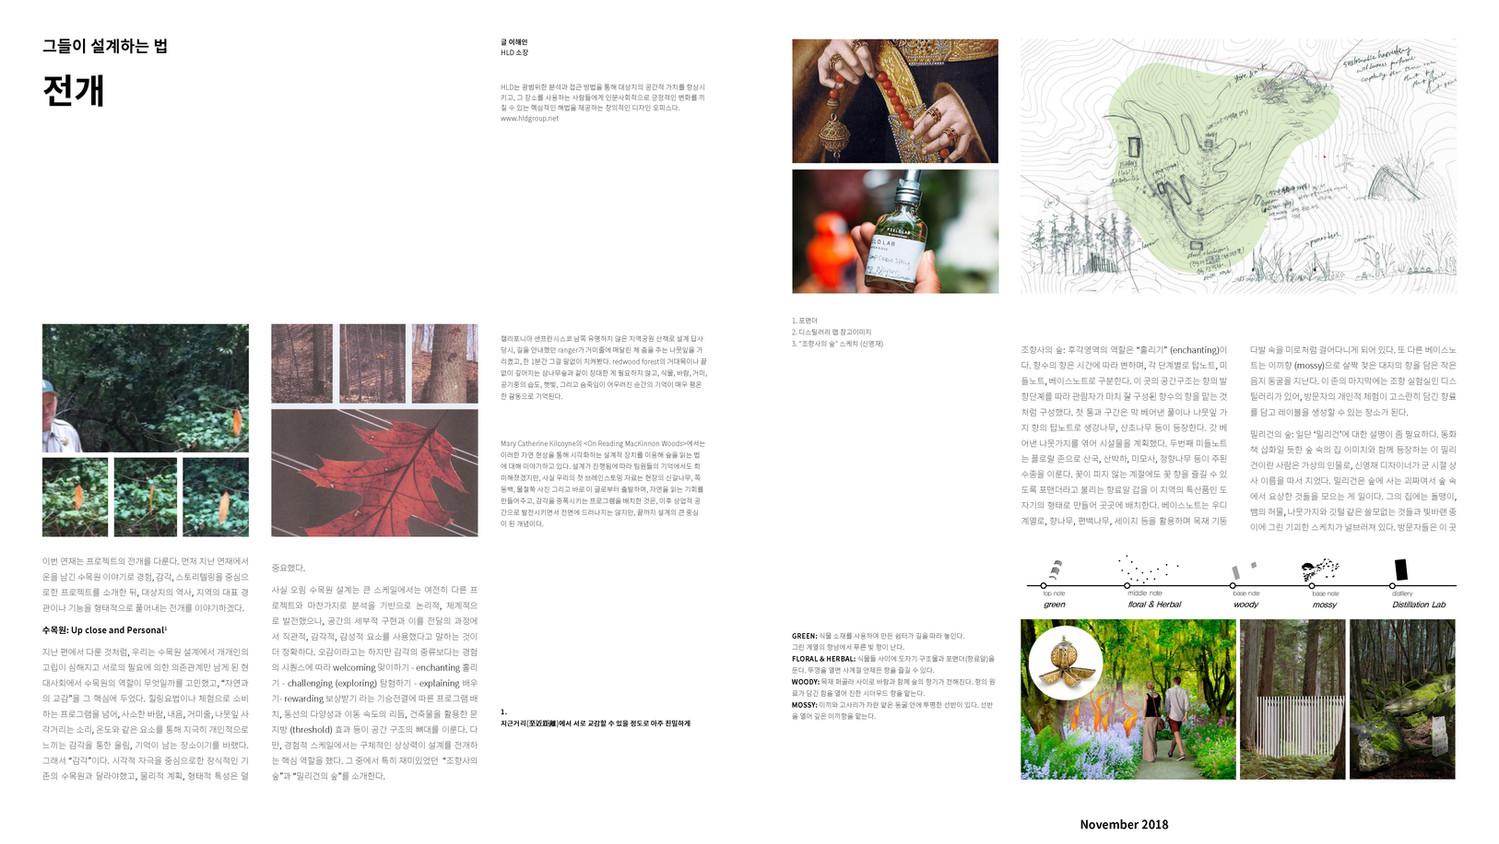 그들이설계하는법_HLD_11월호_업로드용_Page_2.jpg